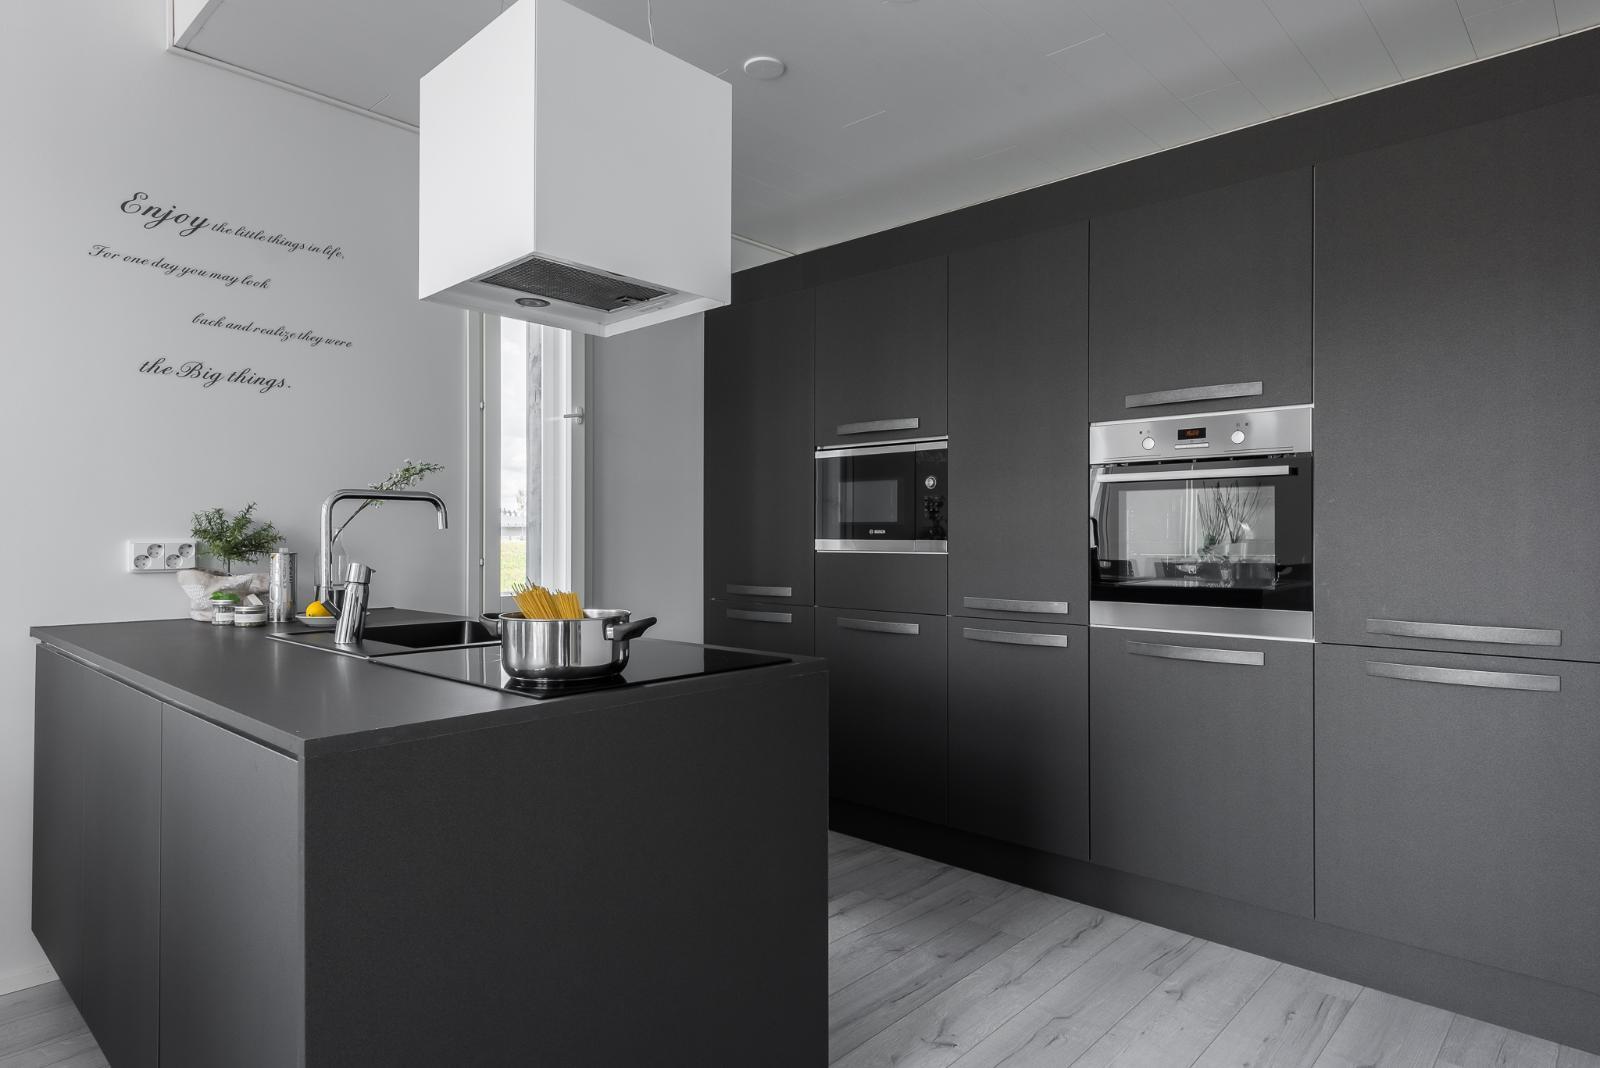 Musta keittiö  tyylikäs ja tunnelmallinen  Etuovi com Ideat & vinkit